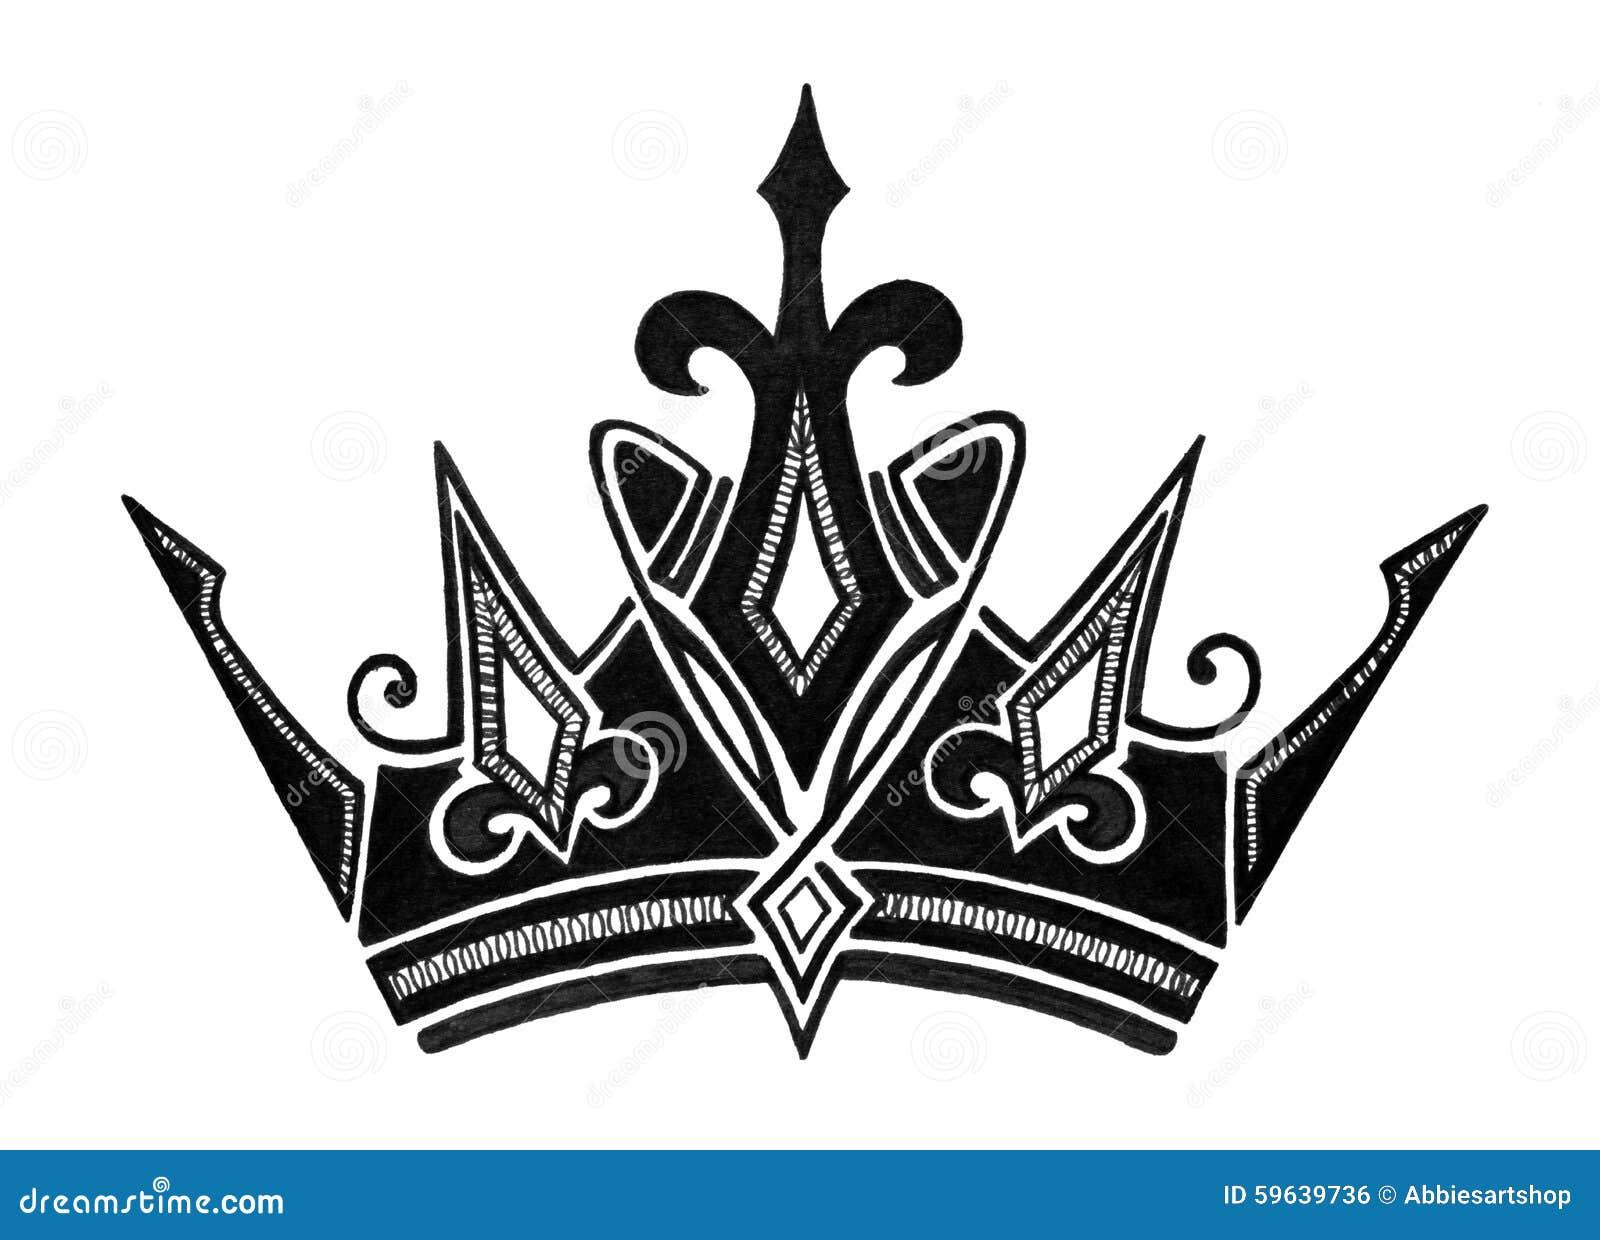 Diseño Real De La Corona En Blanco Y Negro Para Rey Queen Prince O